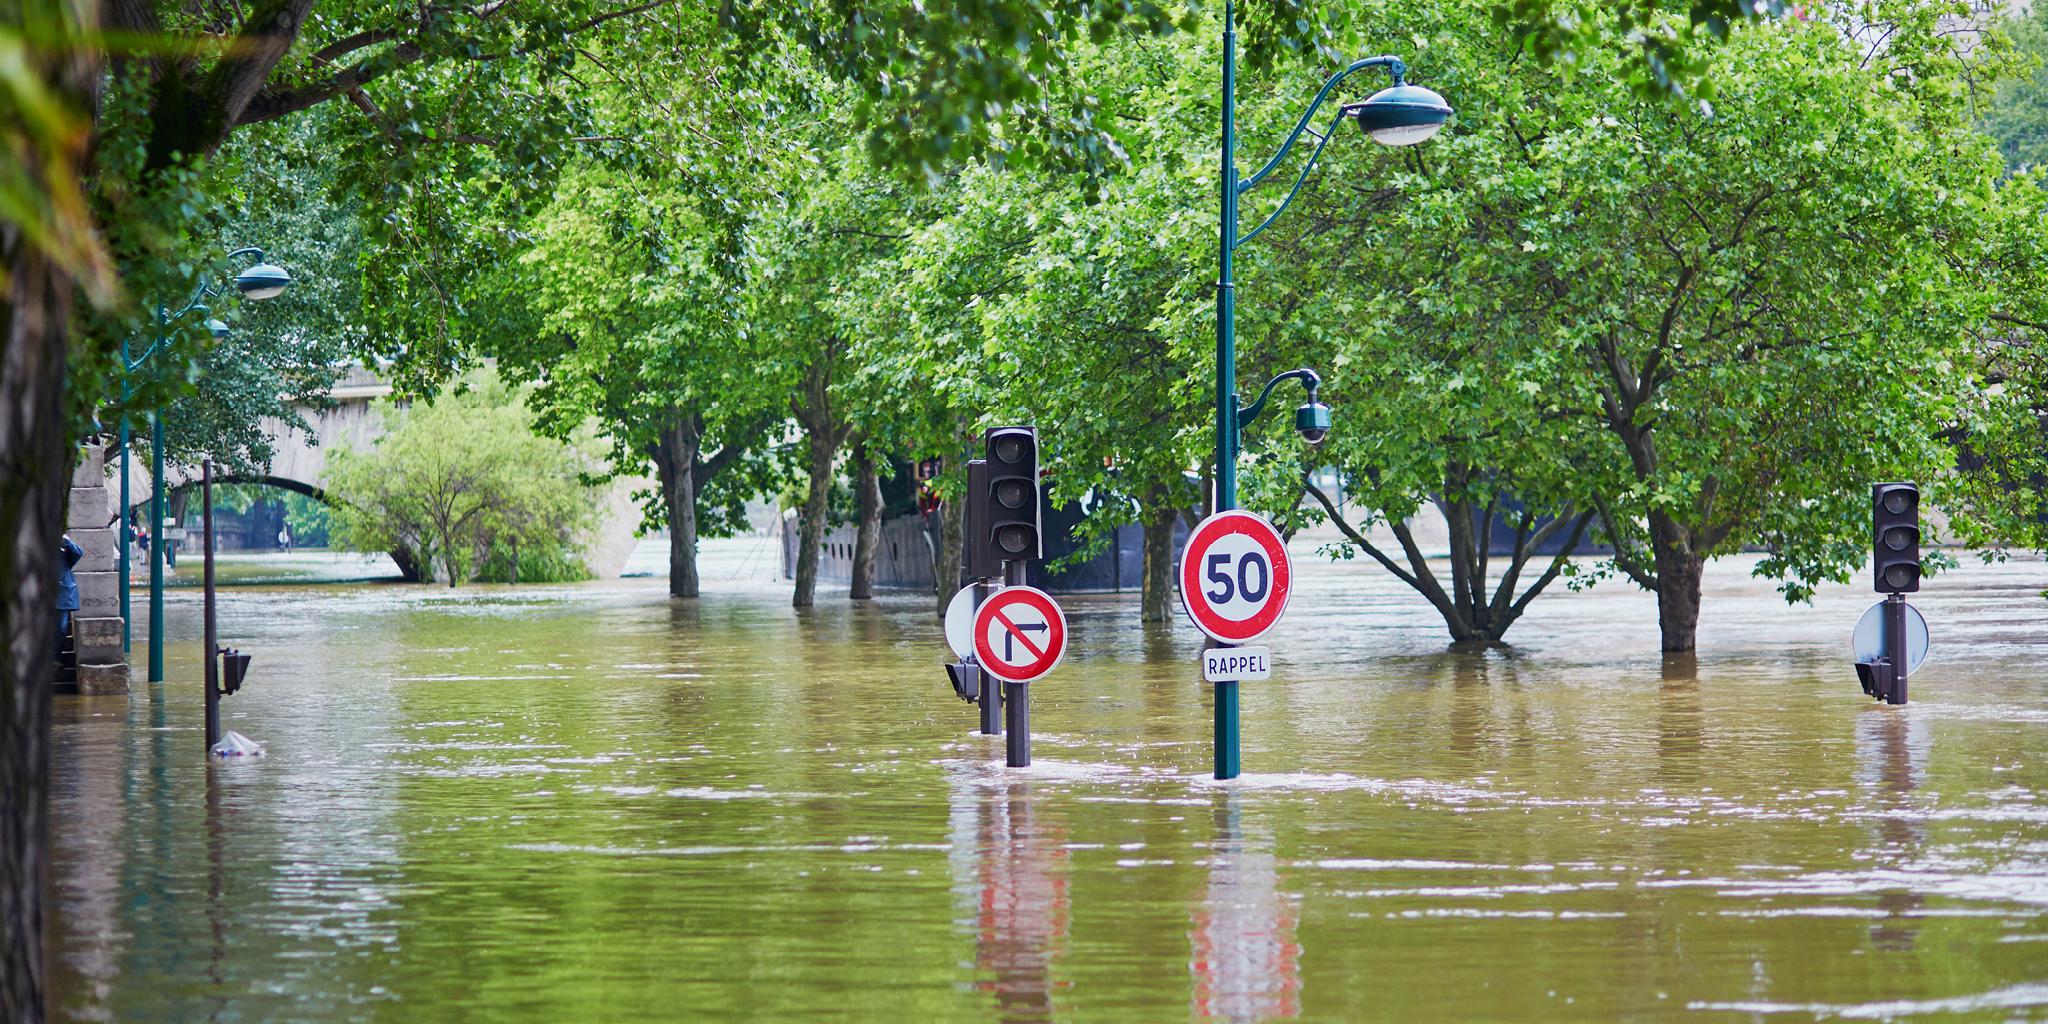 Erhaltungsaufwand, Flutkatastrophe, Rücklagen, Sonderabschreibung, Spenden: Hochwasserkatastrophe 2021 in Deutschland